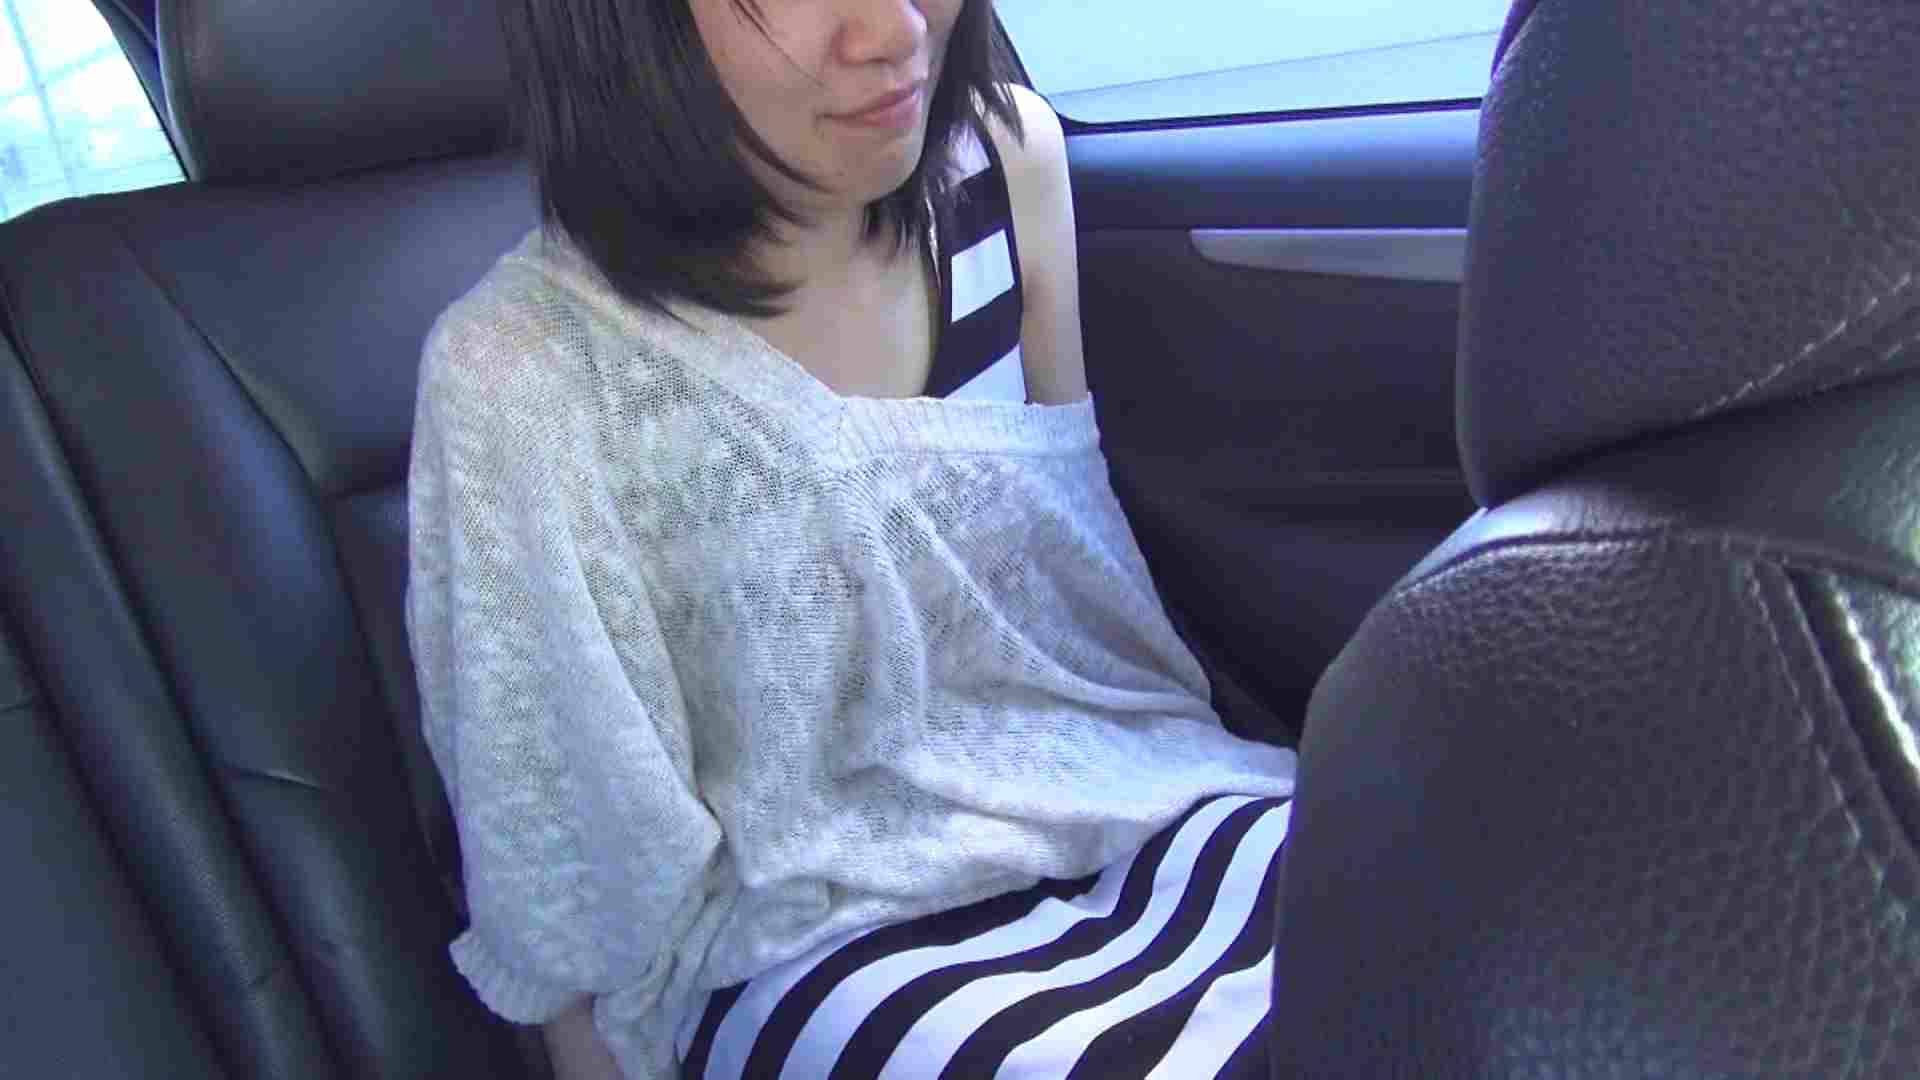 【母の時・01】インタビュー→とびっこ 覗き アダルト動画キャプチャ 103枚 83